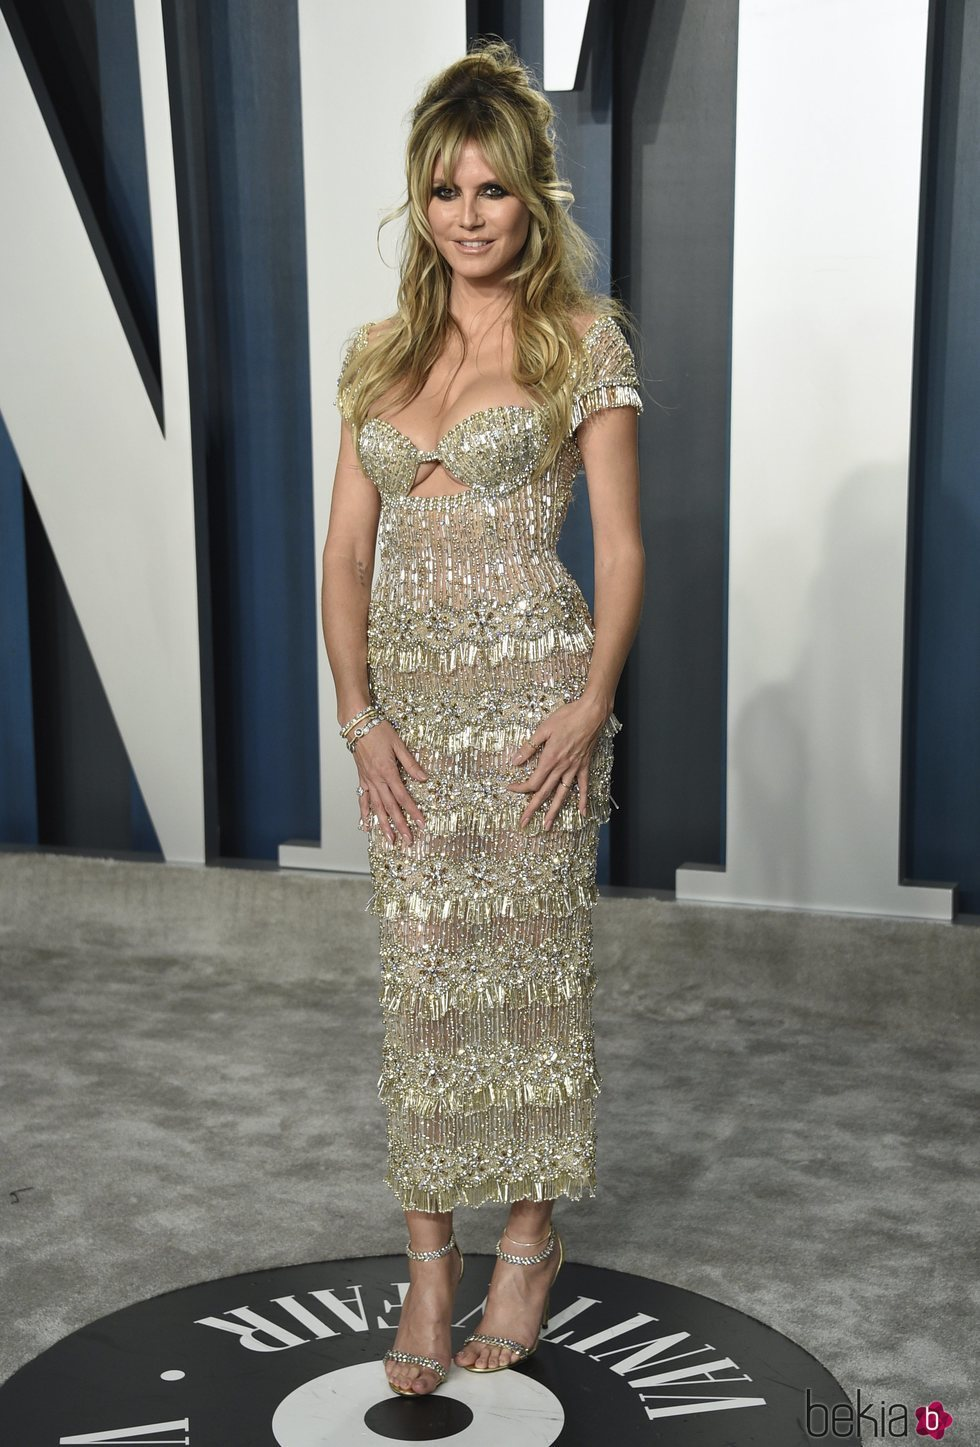 Heidi Klum en la fiesta de Vanity Fair tras los Oscar 2020